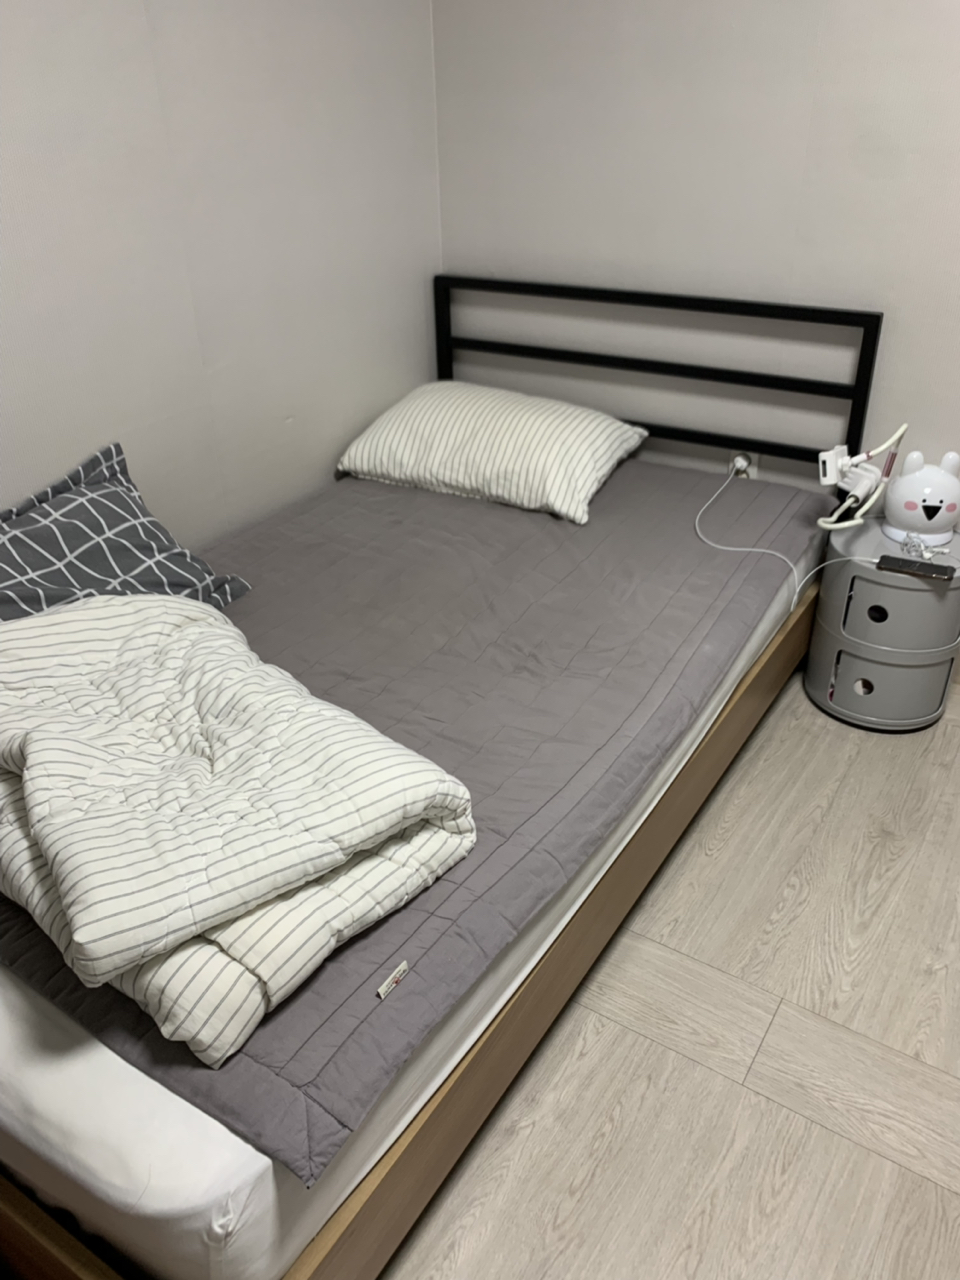 한샘 슈퍼싱글 침대 프레임